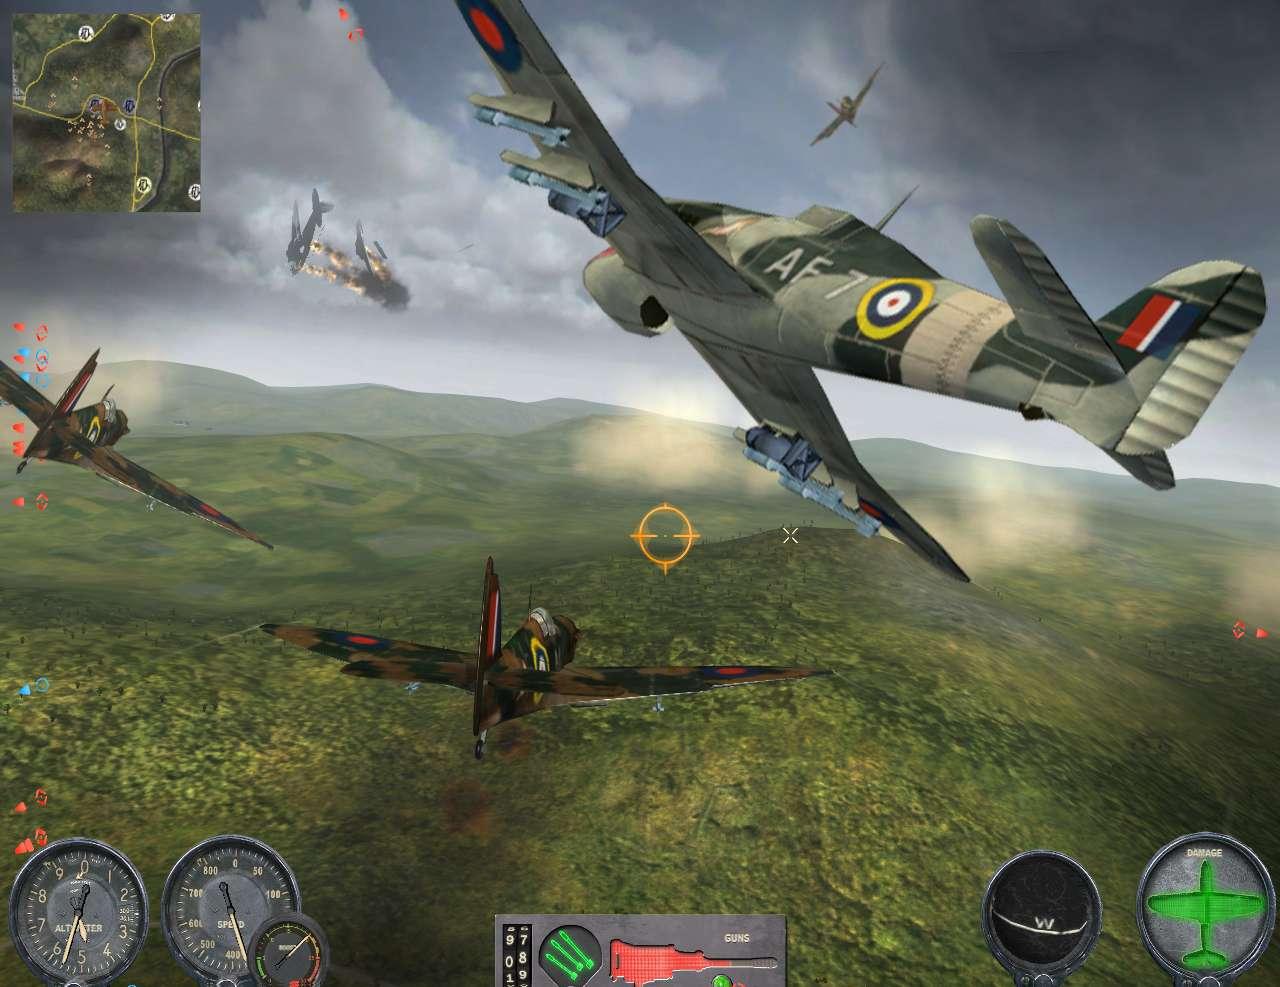 Combat Wings: Battle of Britain screenshot